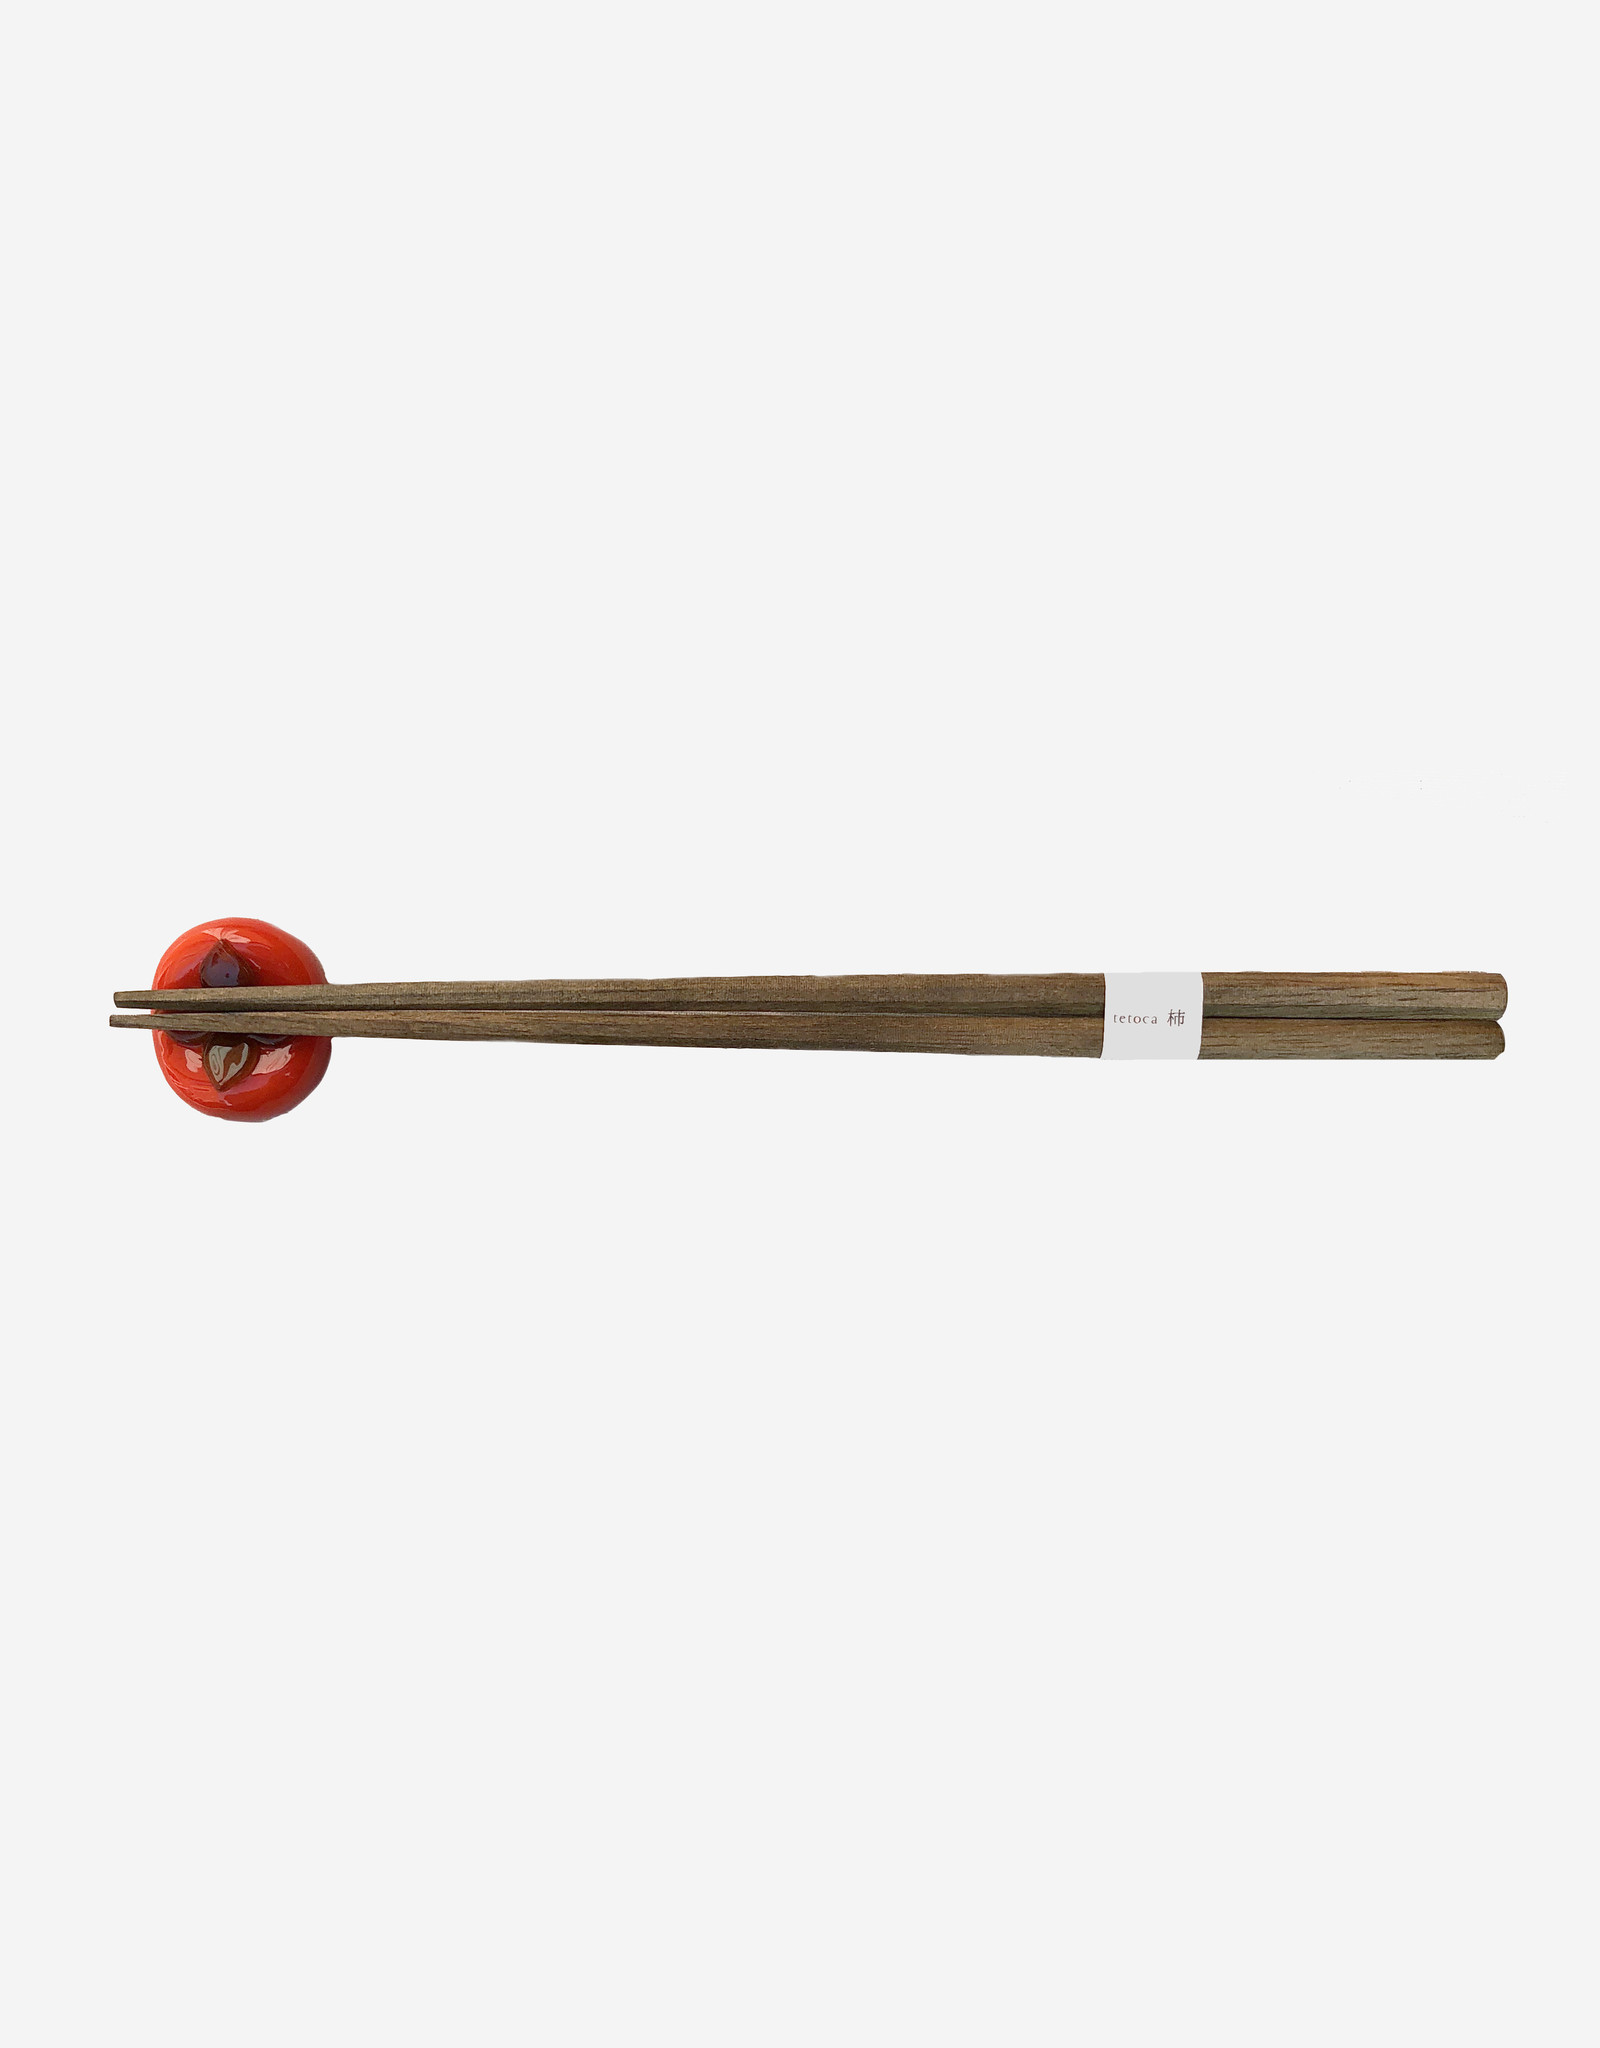 Kawai Kawai Chopsticks rest Persimmon